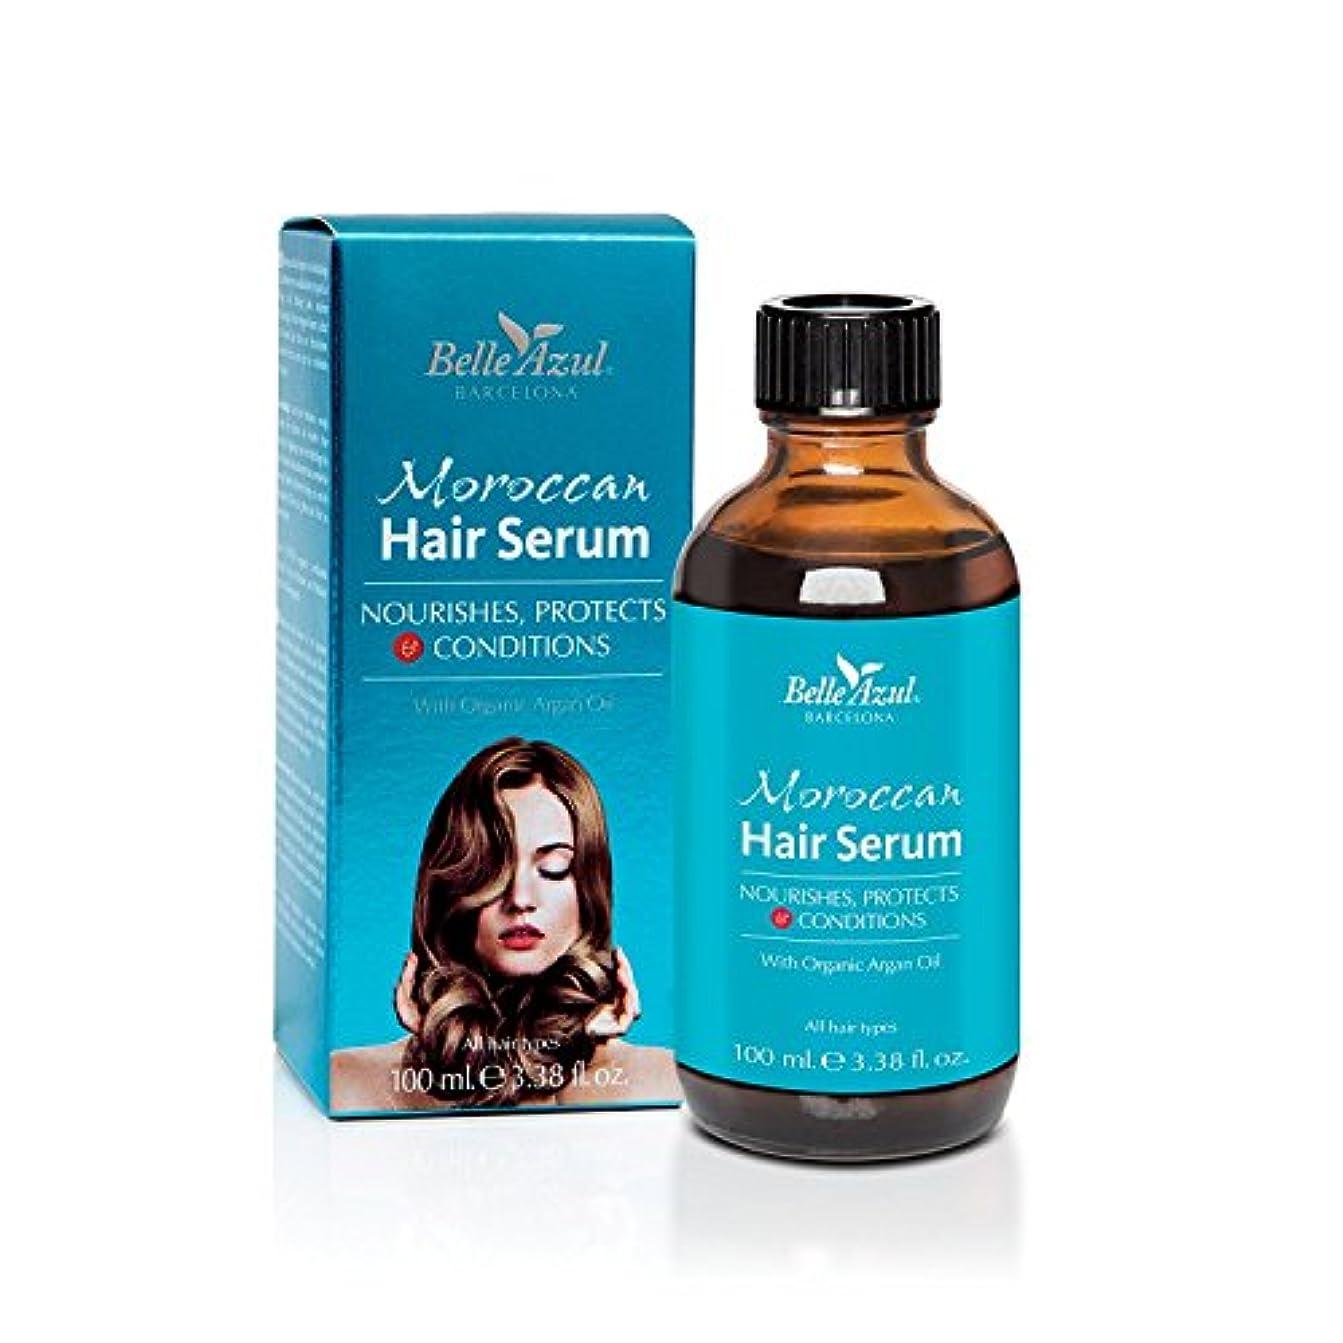 才能のある桁持つベルアスール (Belle Azul) モロッカン ヘア セラム 髪用 美容液 アルガンオイル 配合